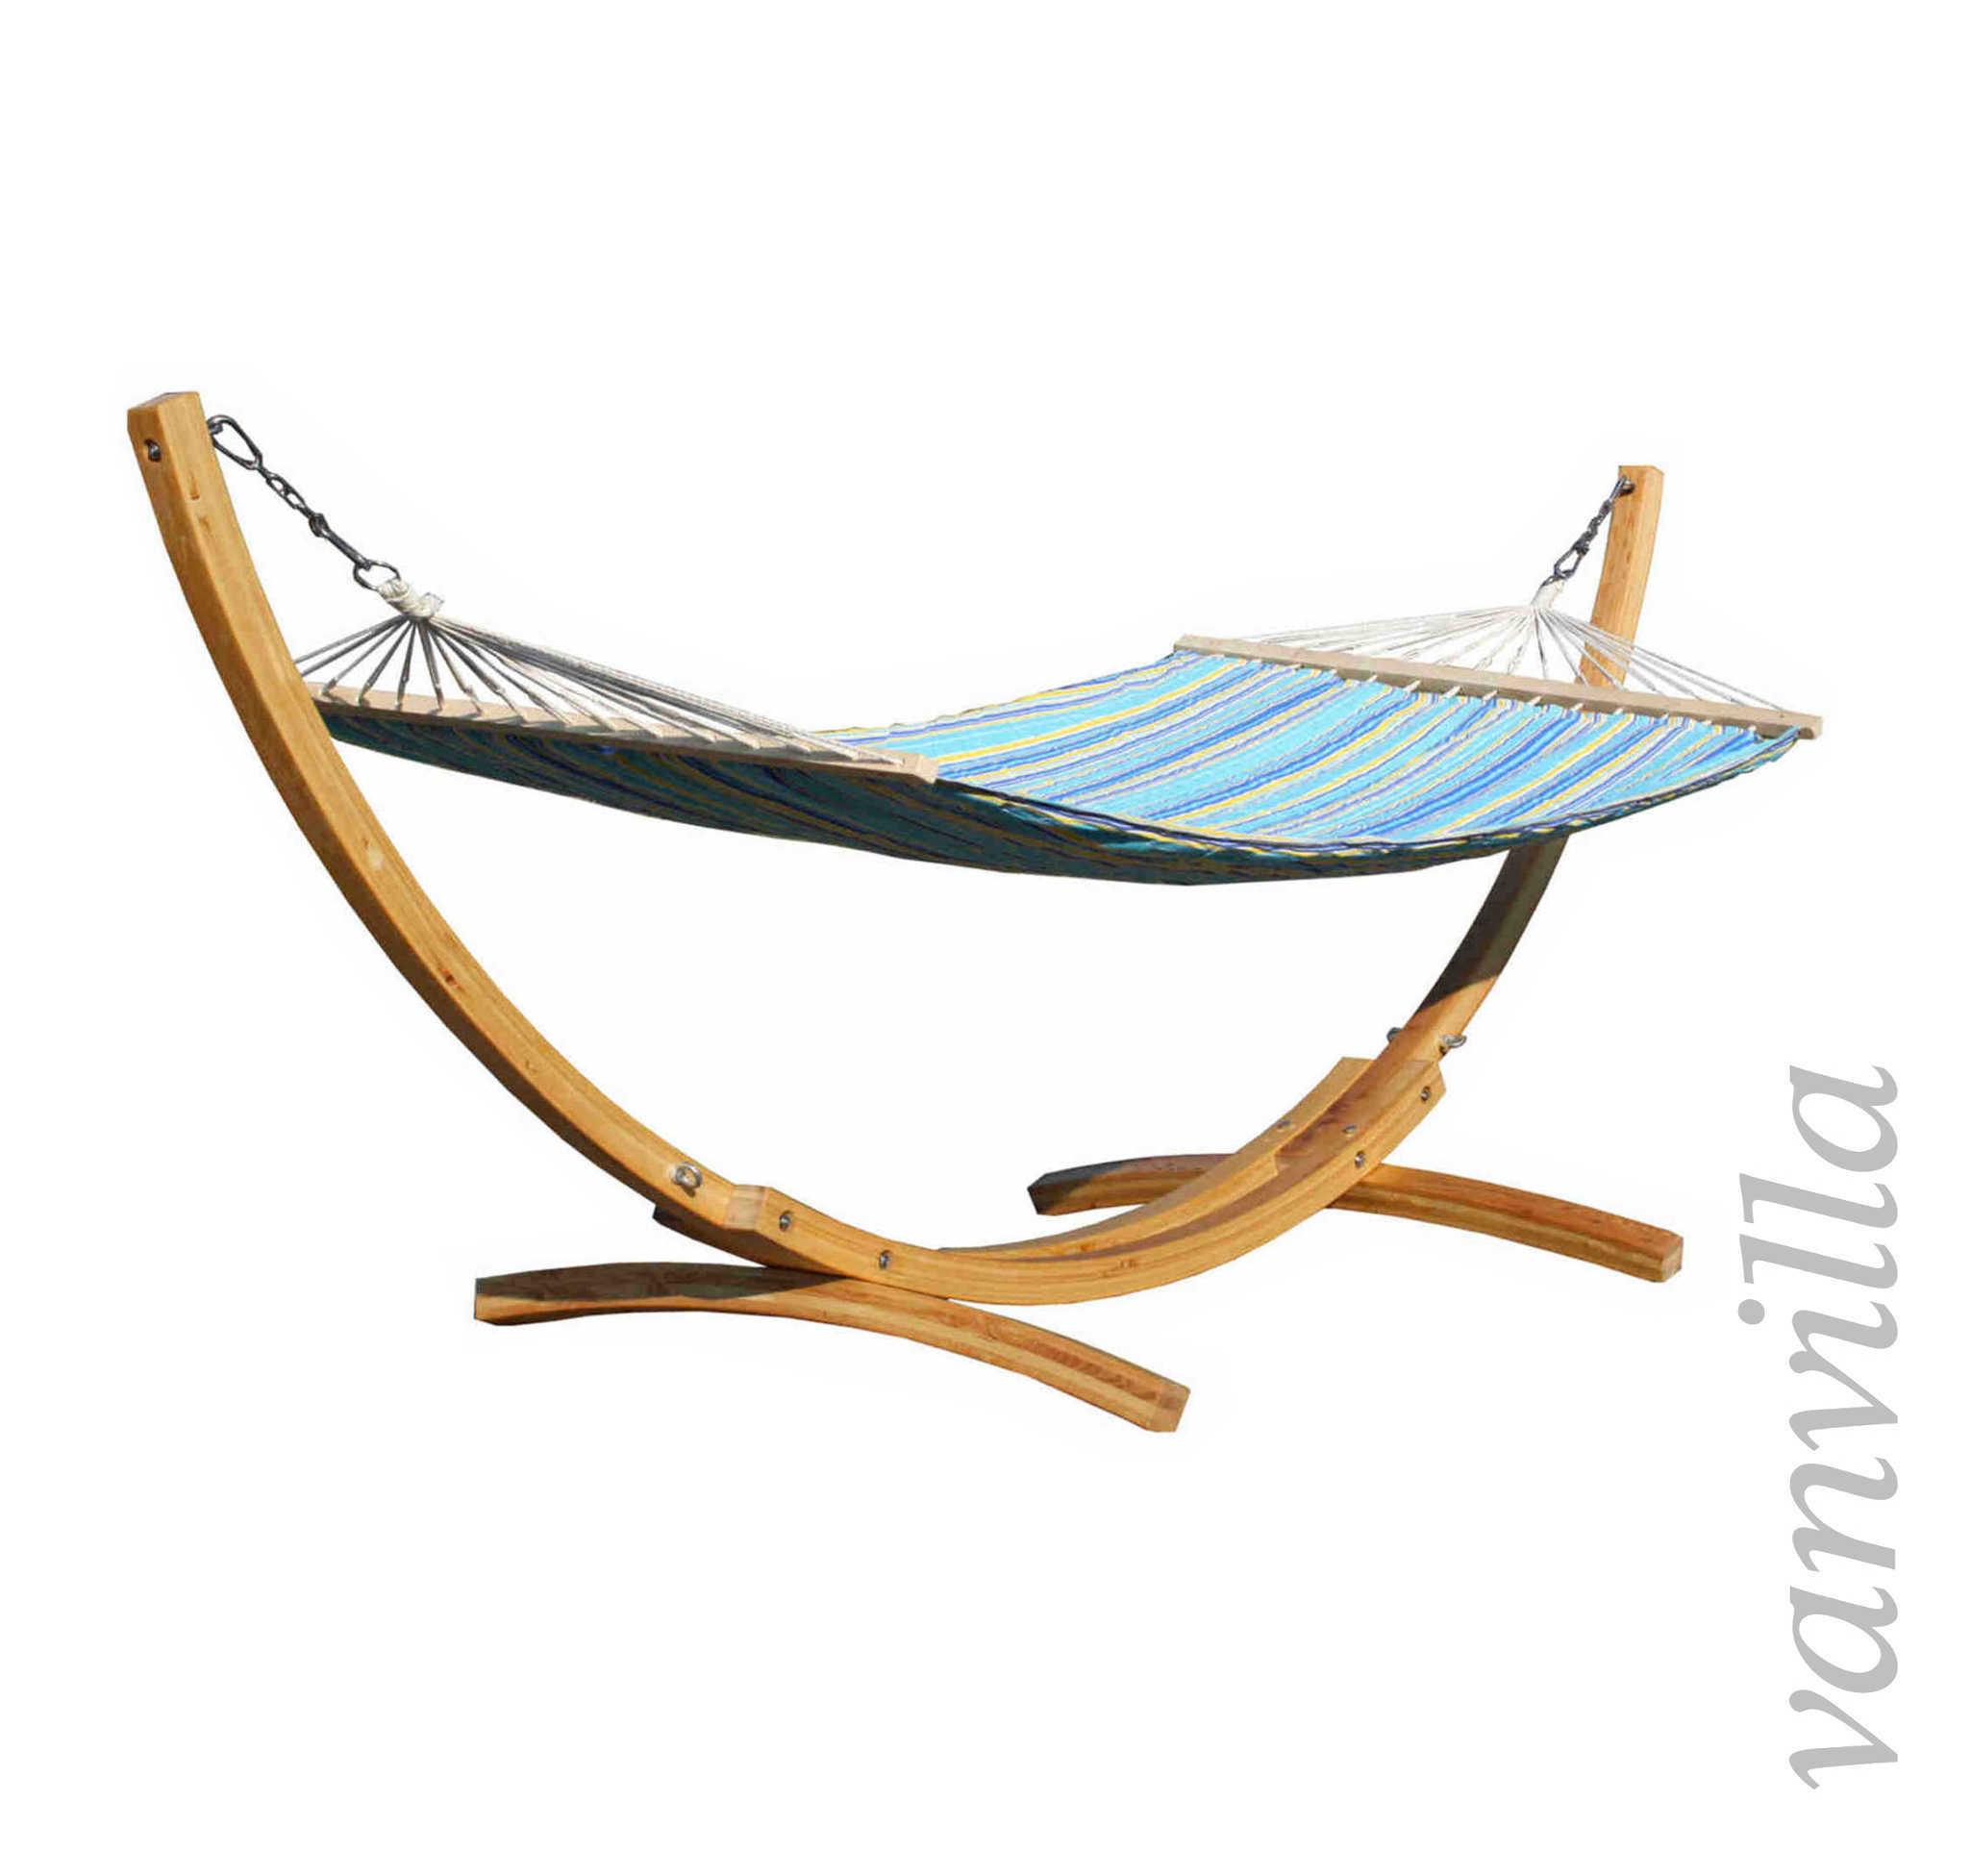 vanvilla h ngematte holz mit gestell h ngemattengestell mit matte gartenliege ebay. Black Bedroom Furniture Sets. Home Design Ideas